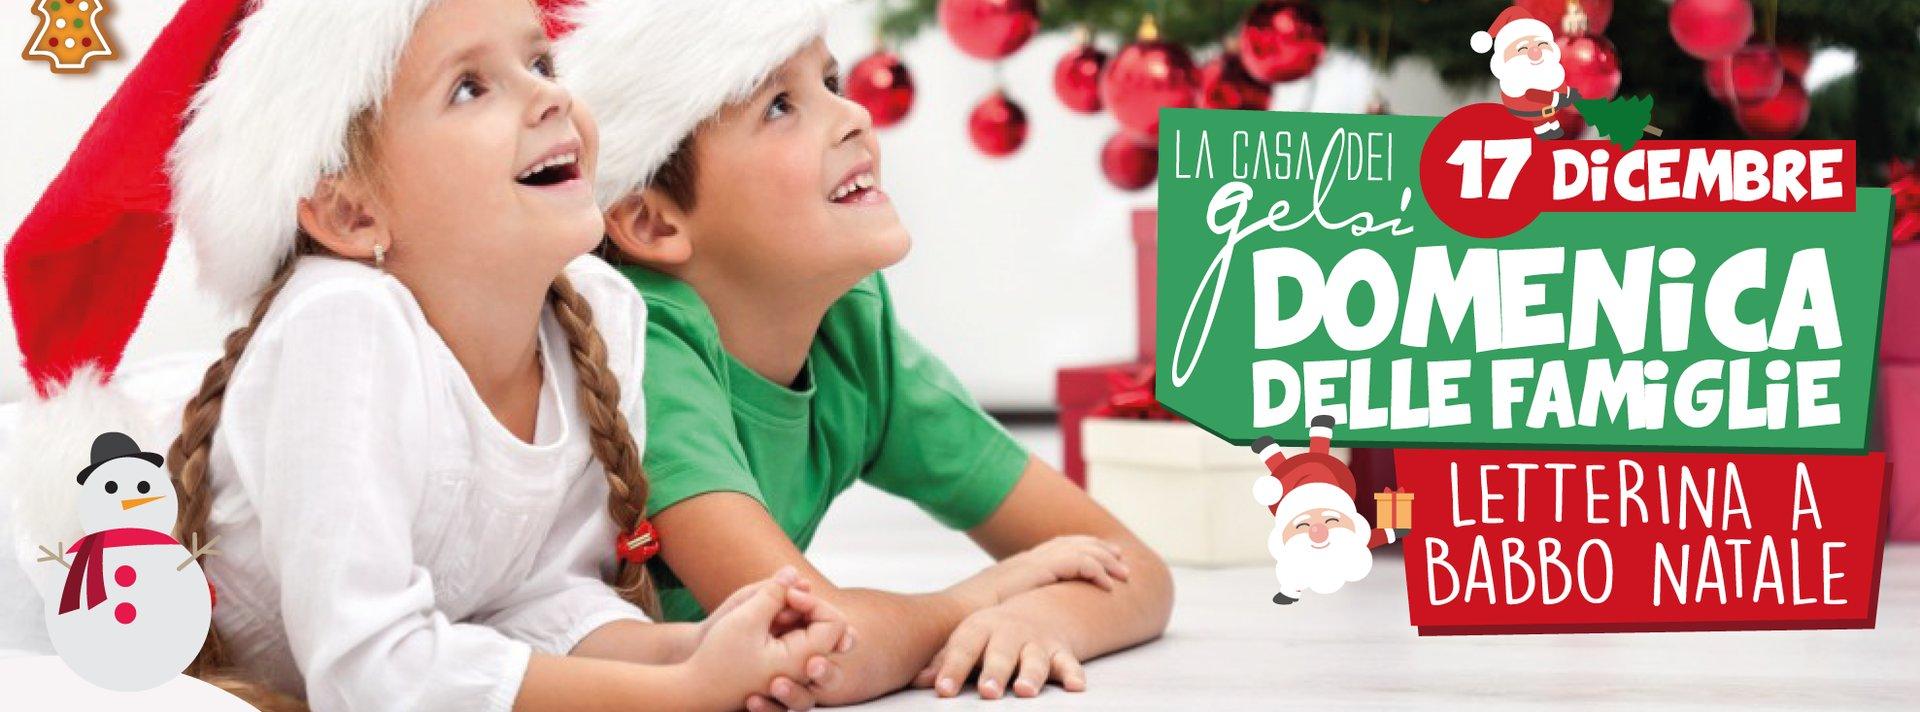 Letterina a Babbo Natale - serata per famiglie ai